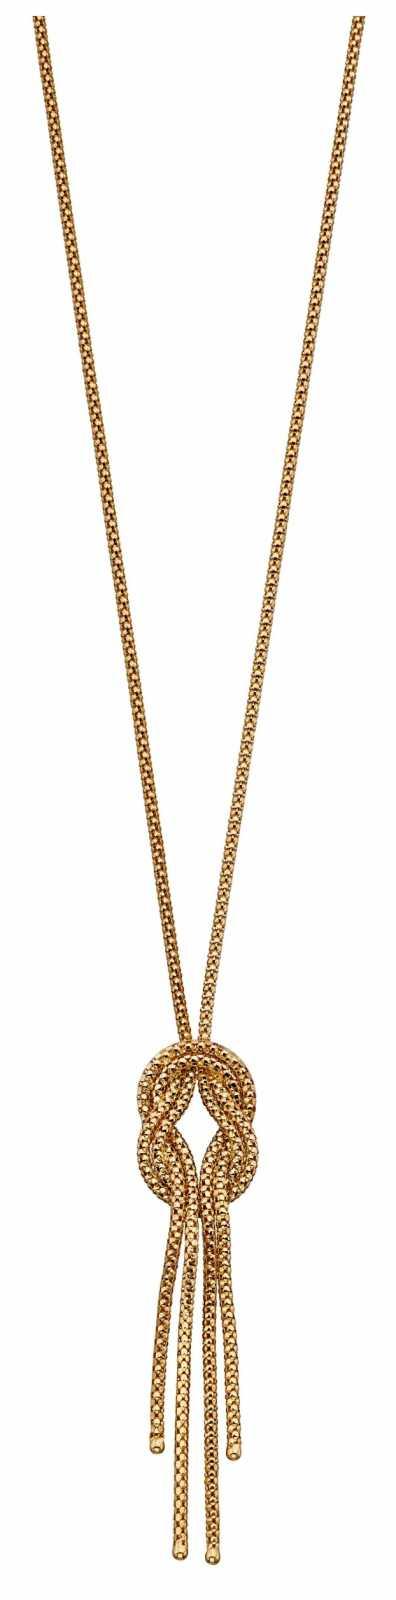 Elements Gold 9k Yellow Gold Twist Lairat Necklace 42cm GN341